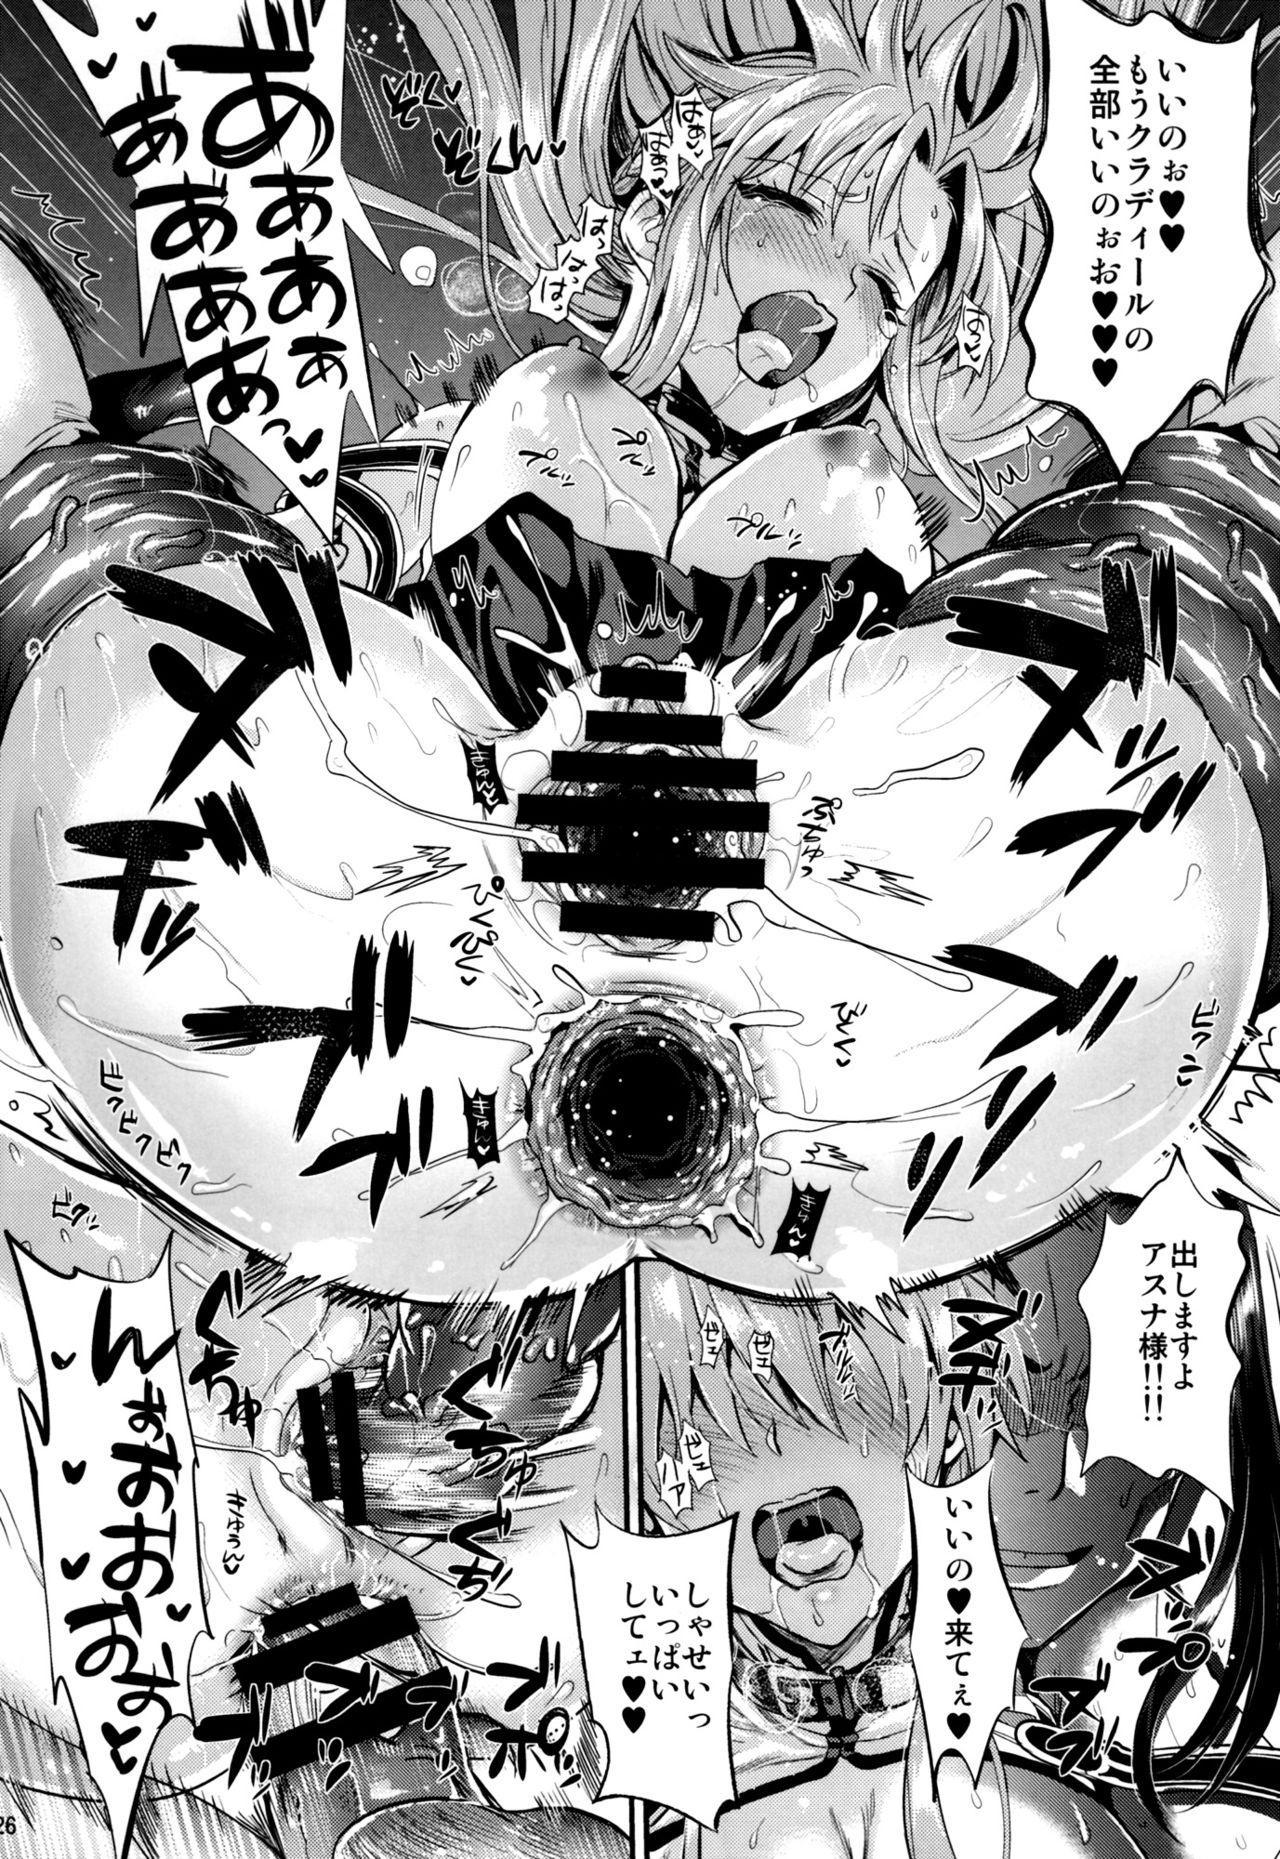 Shujou Seikou 2 NTR Hen 24